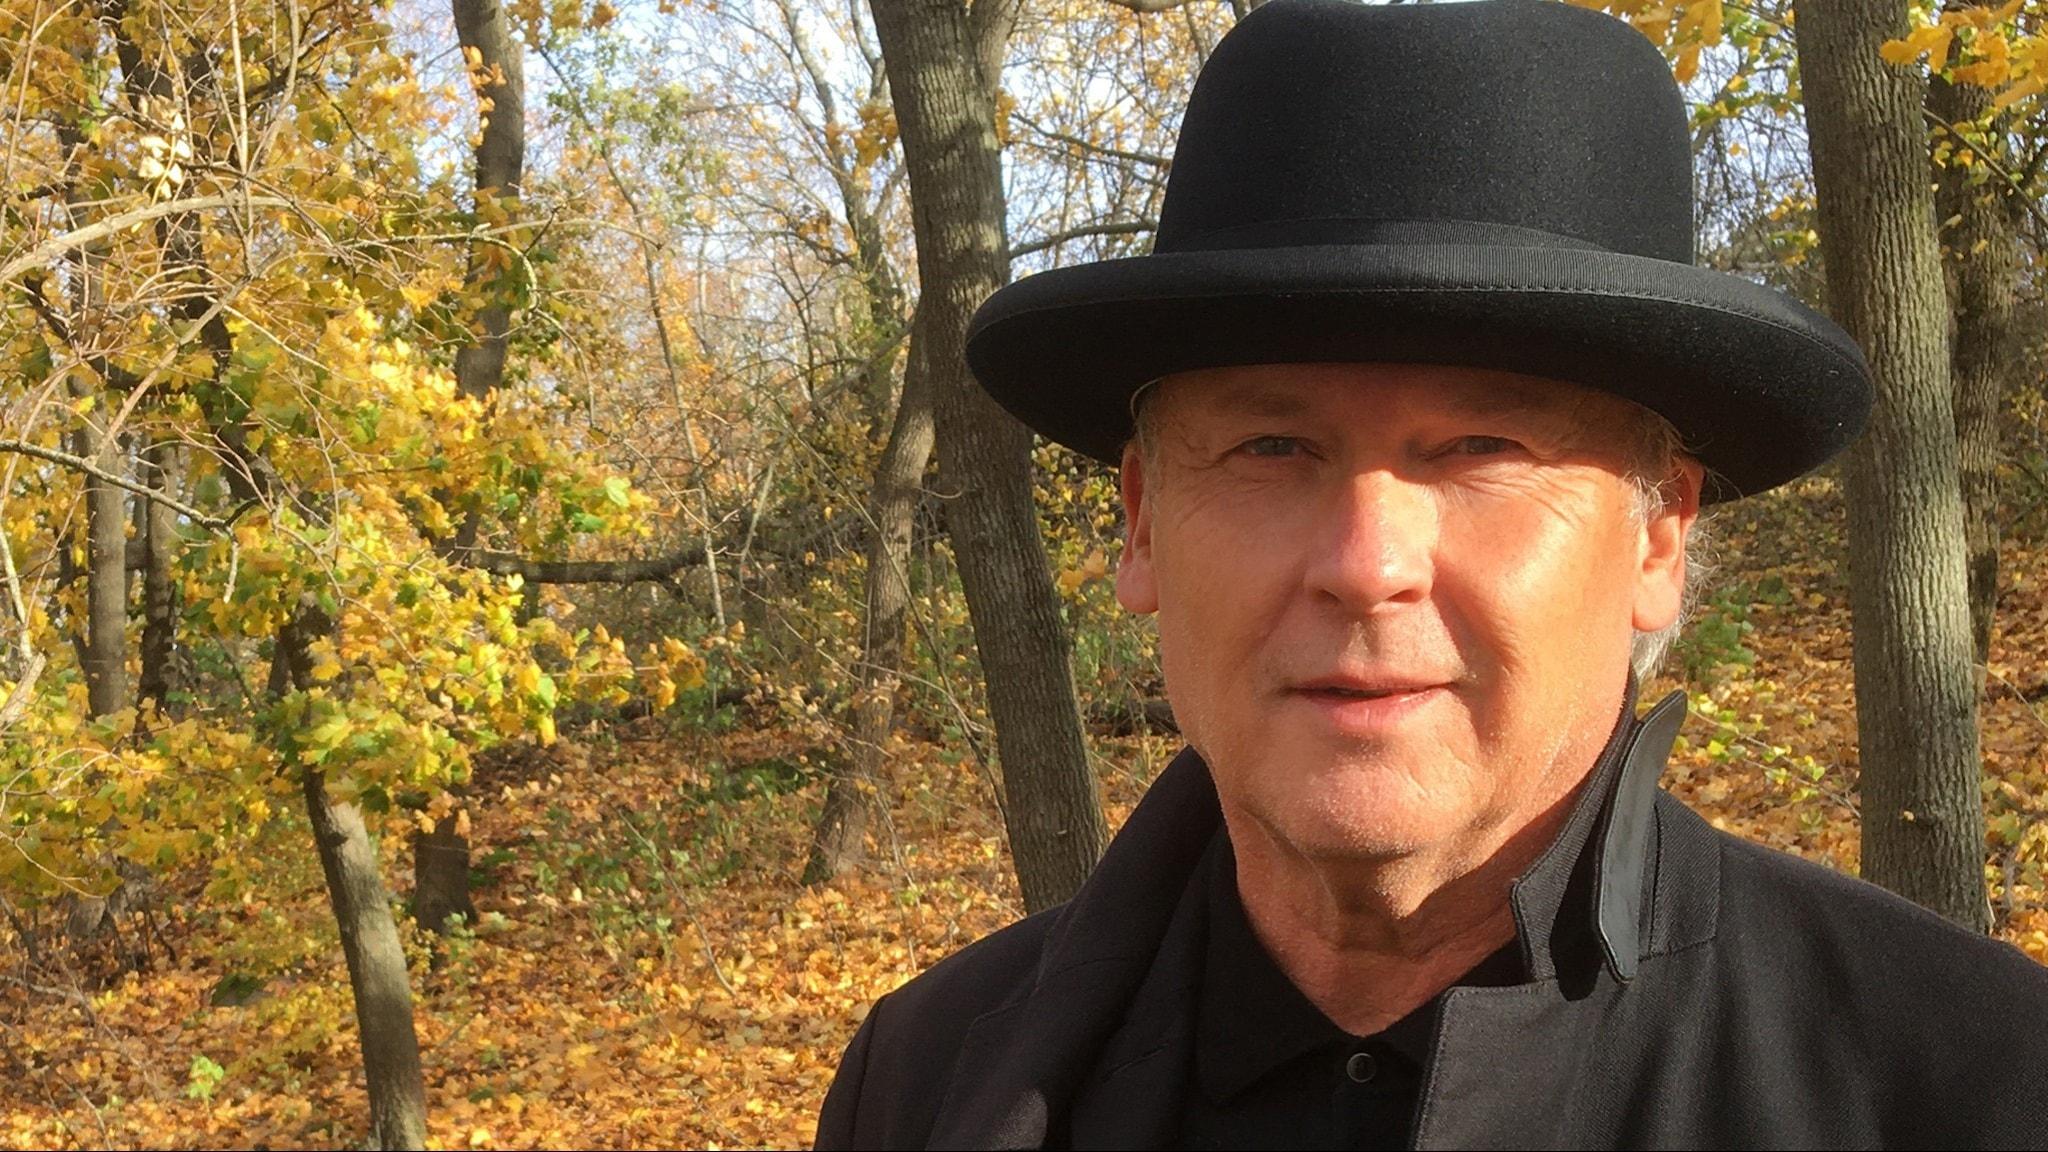 Författaren Klas Östergren, porträttfoto ute i höstfärger. Klas bär hatt.